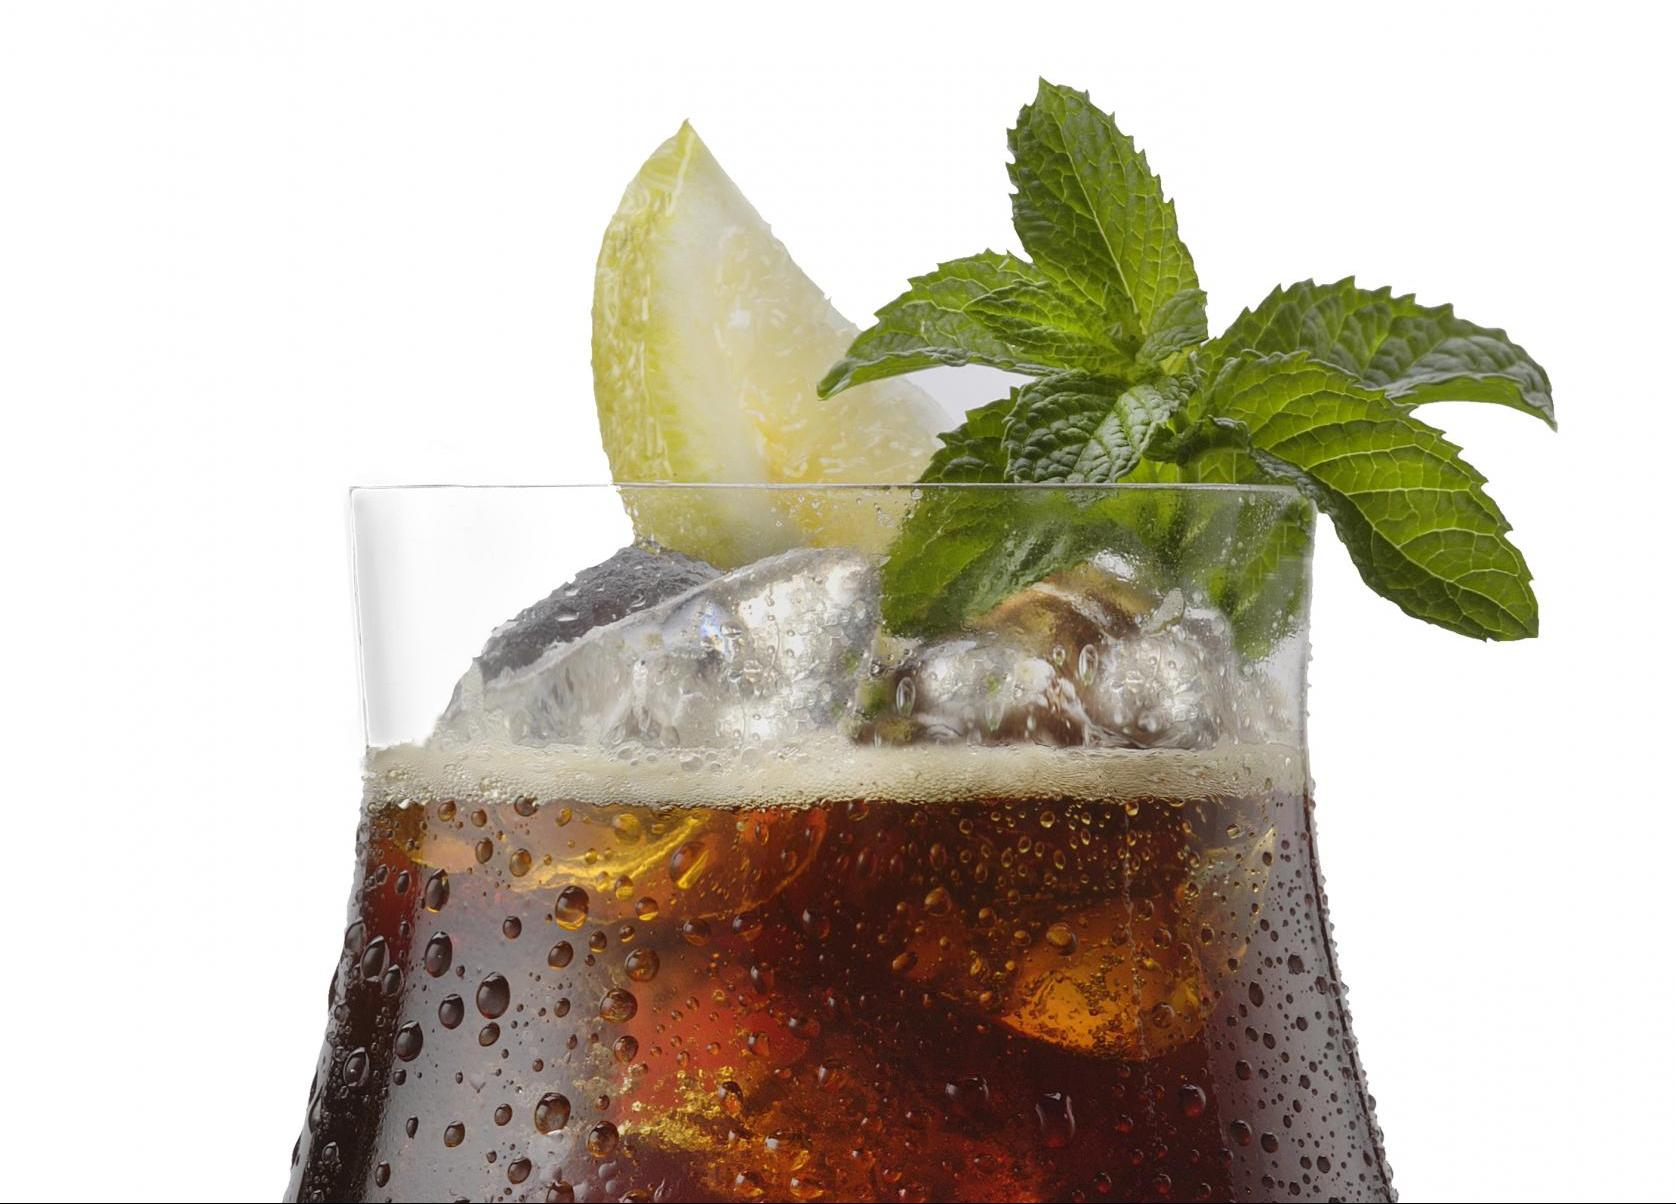 La tendencia de cócteles low alcohol llega a los hogares también en cuarentena